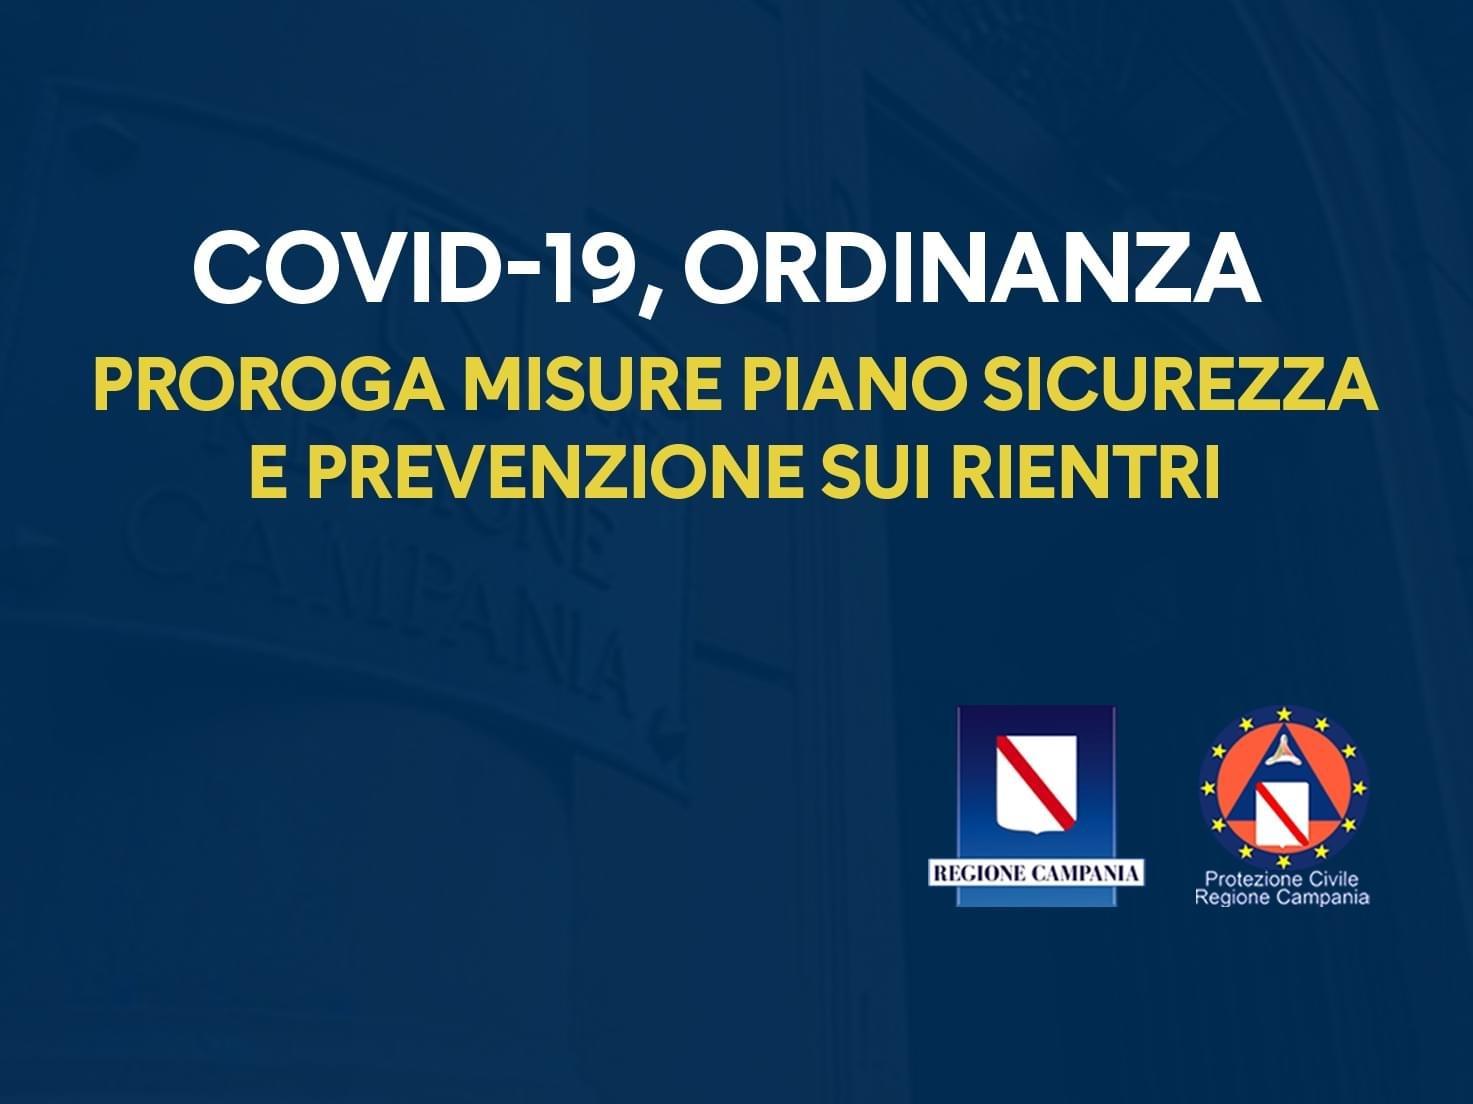 Covid-19, prorogate fino al 10 settembre  le misure sui rientri in Campania